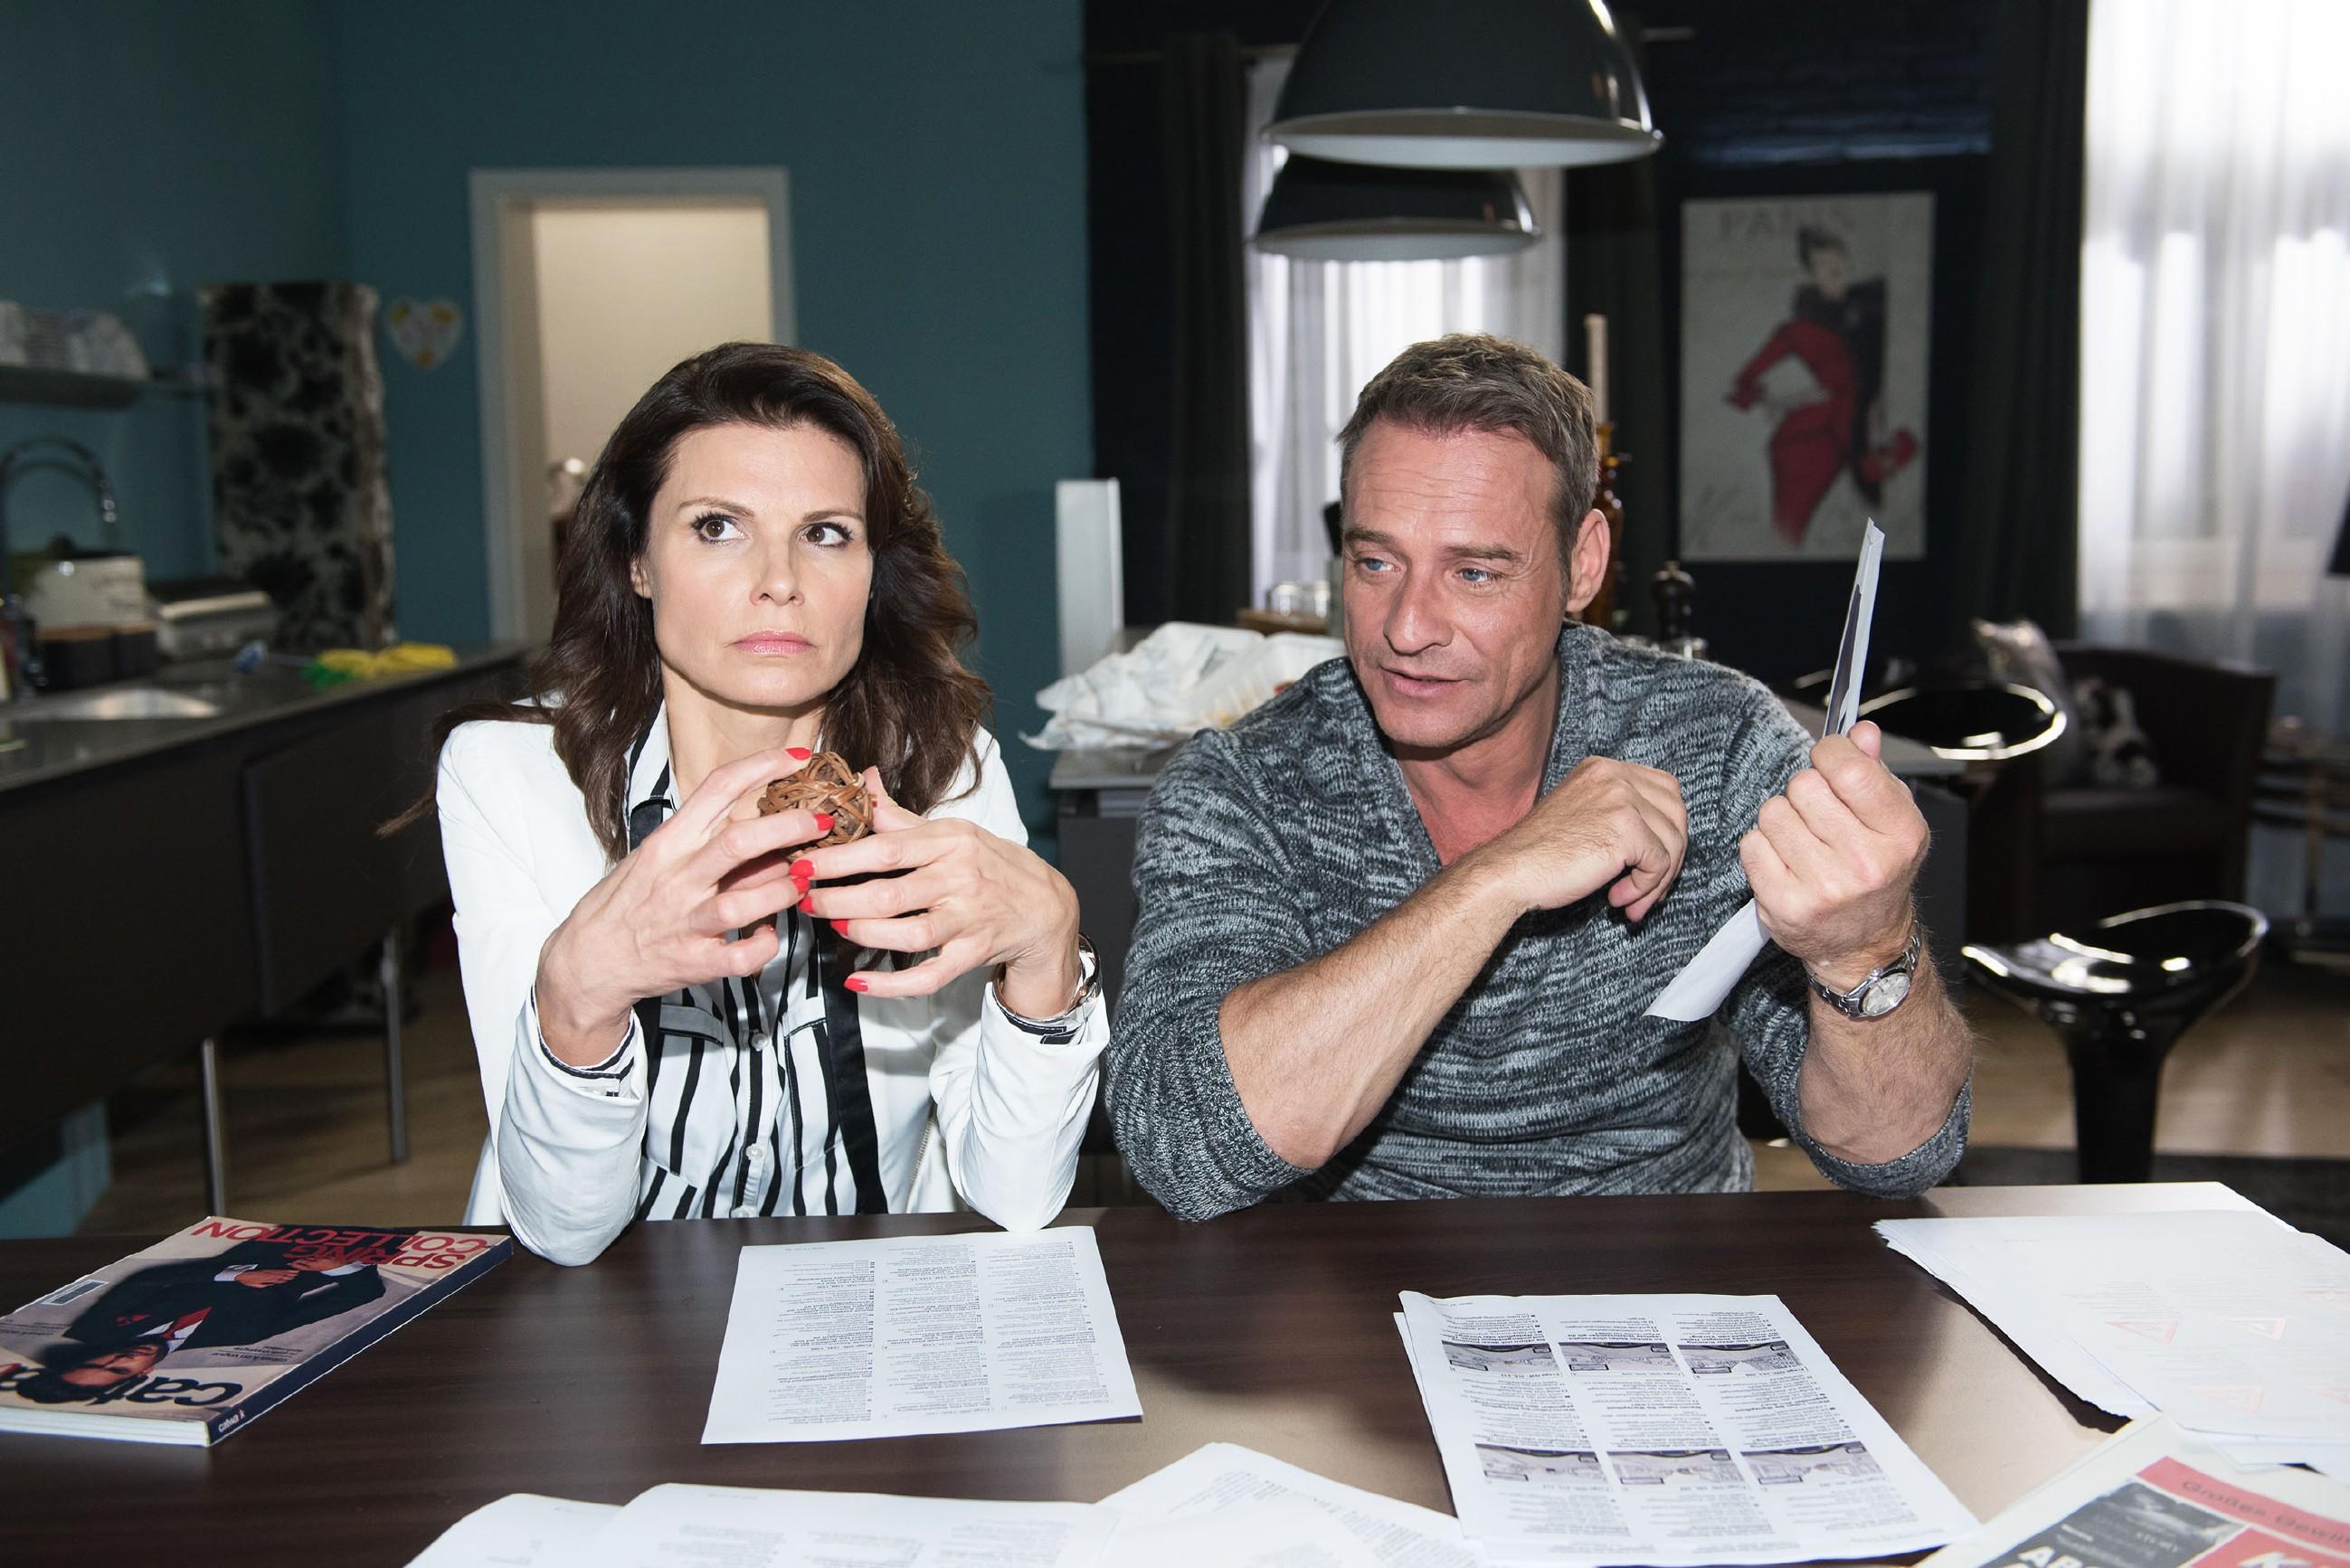 Rufus (Kai Noll) erkennt, dass es nicht leicht wird, Britta (Tabea Heynig) mit der StVO vertraut zu machen, um sie auf die Fahrschule vorzubereiten. (Quelle: RTL / Stefan Behrens)